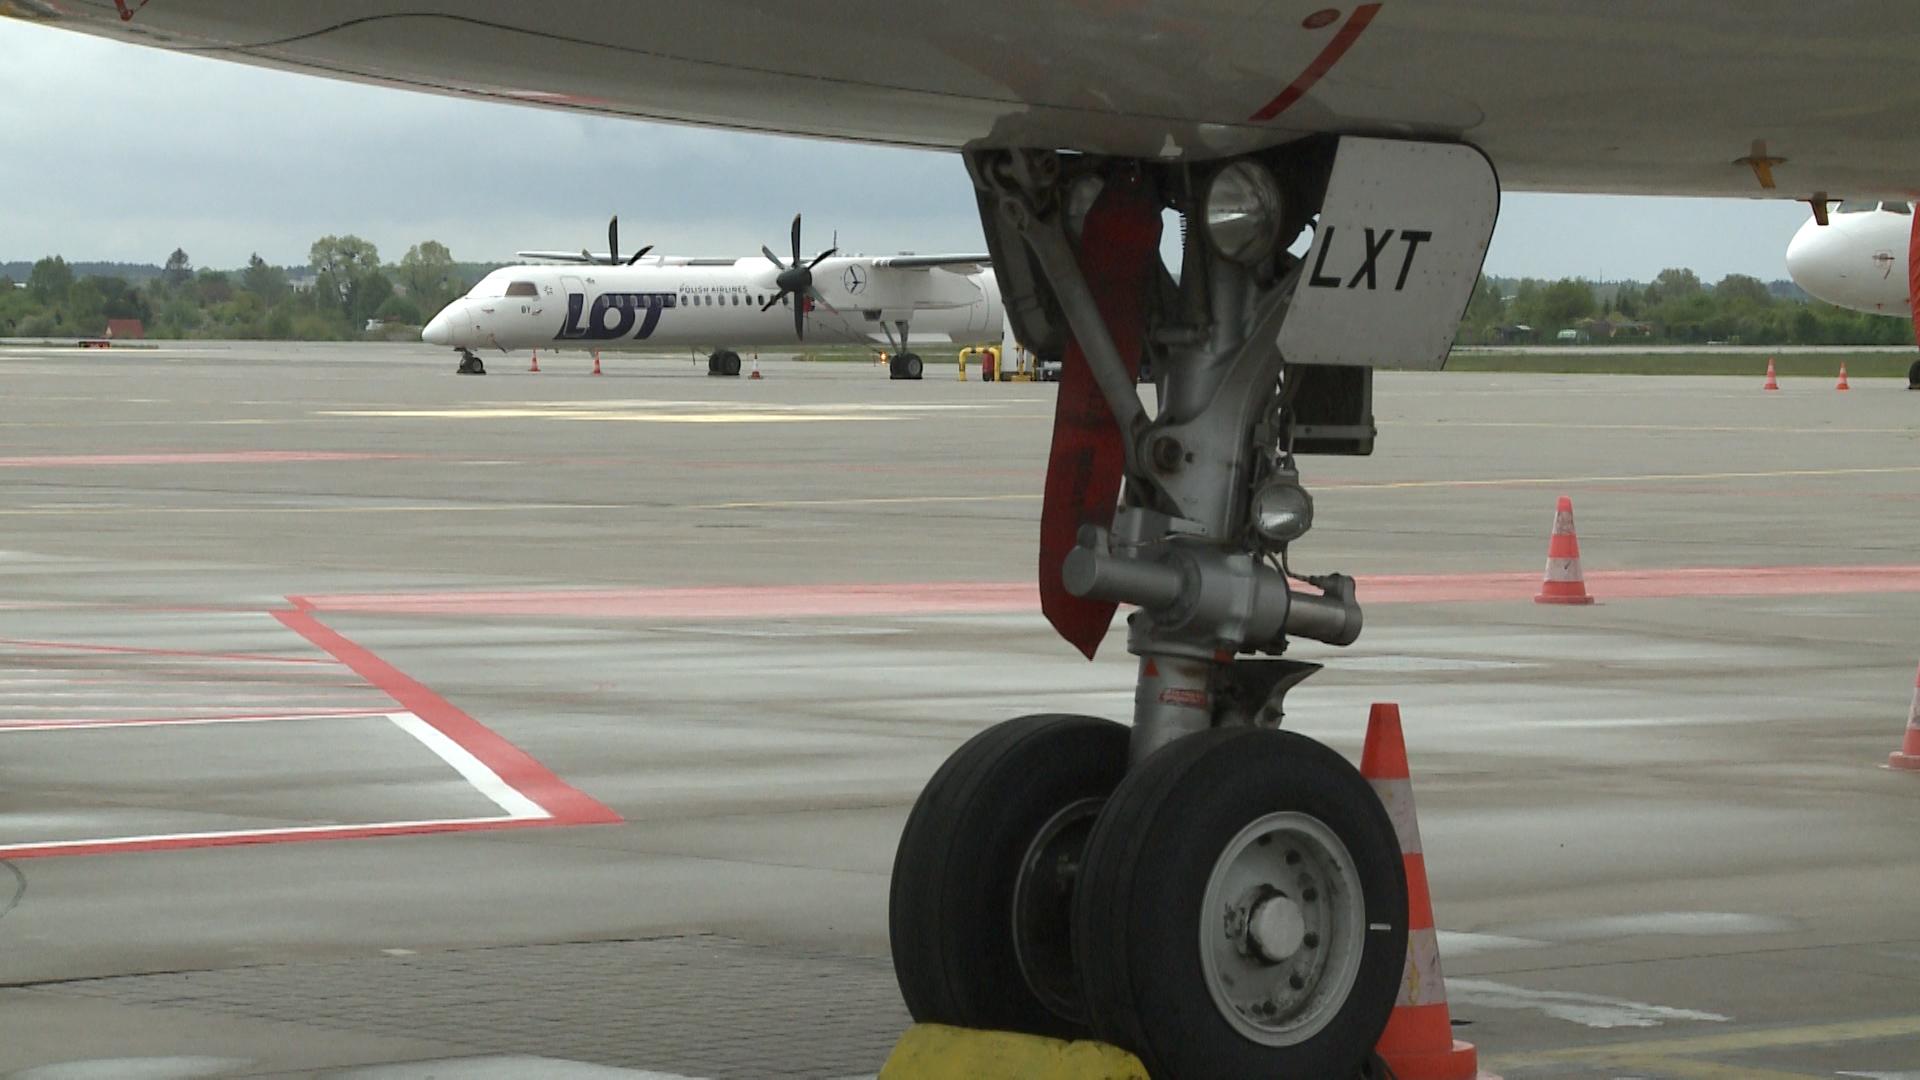 5G wchodzi do lotnictwa. Zrewolucjonizuje systemy komunikacji, a tym samym poprawi bezpieczeństwo [DEPESZA]